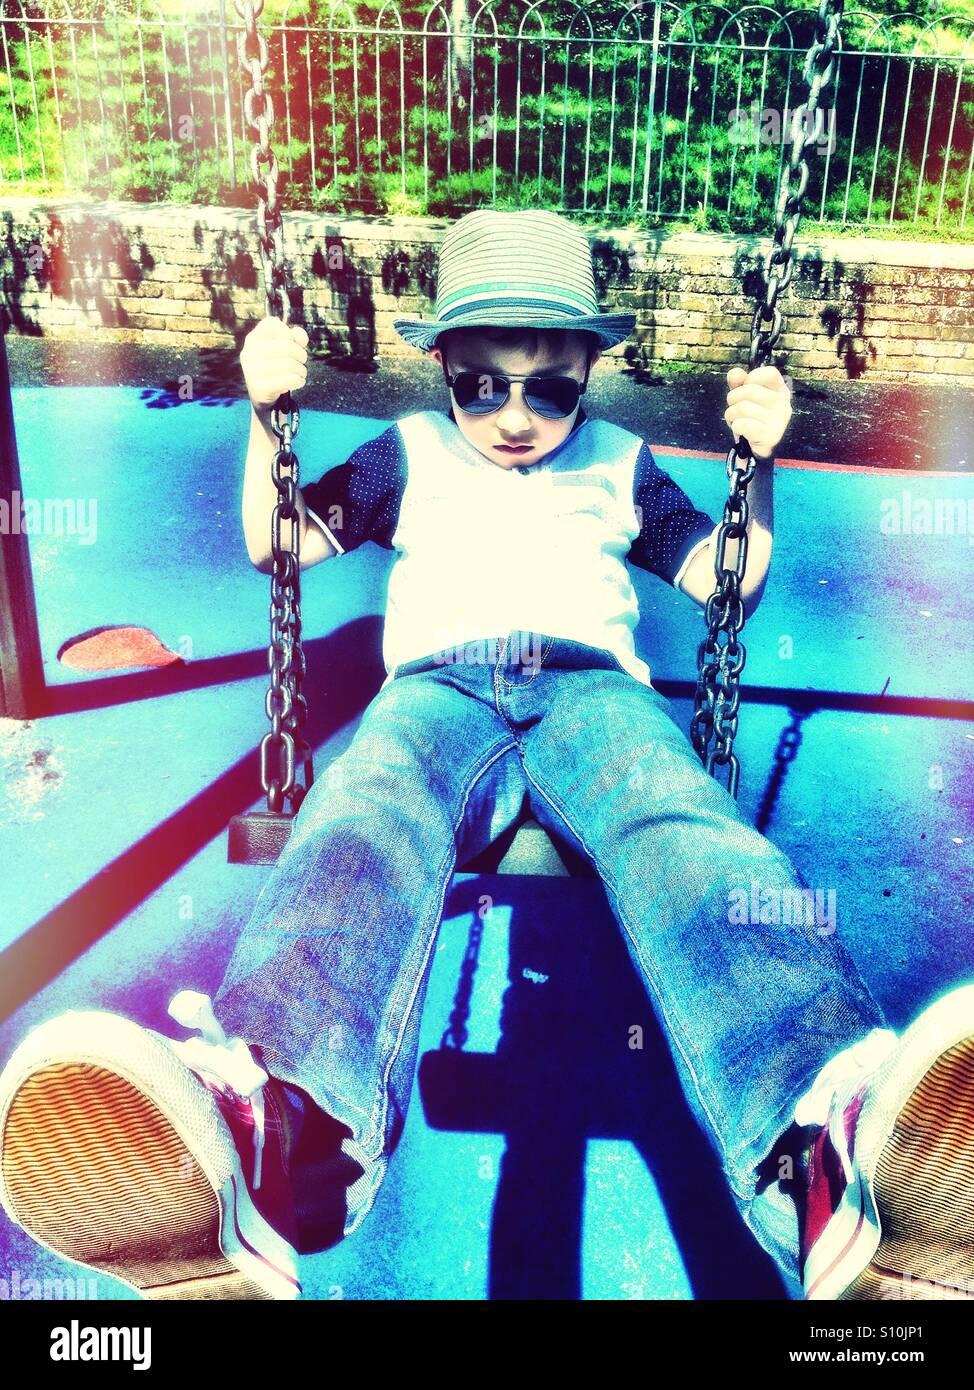 Un jeune garçon portant des lunettes de soleil et chapeau joue sur balançoire dans le parc. Photo Stock